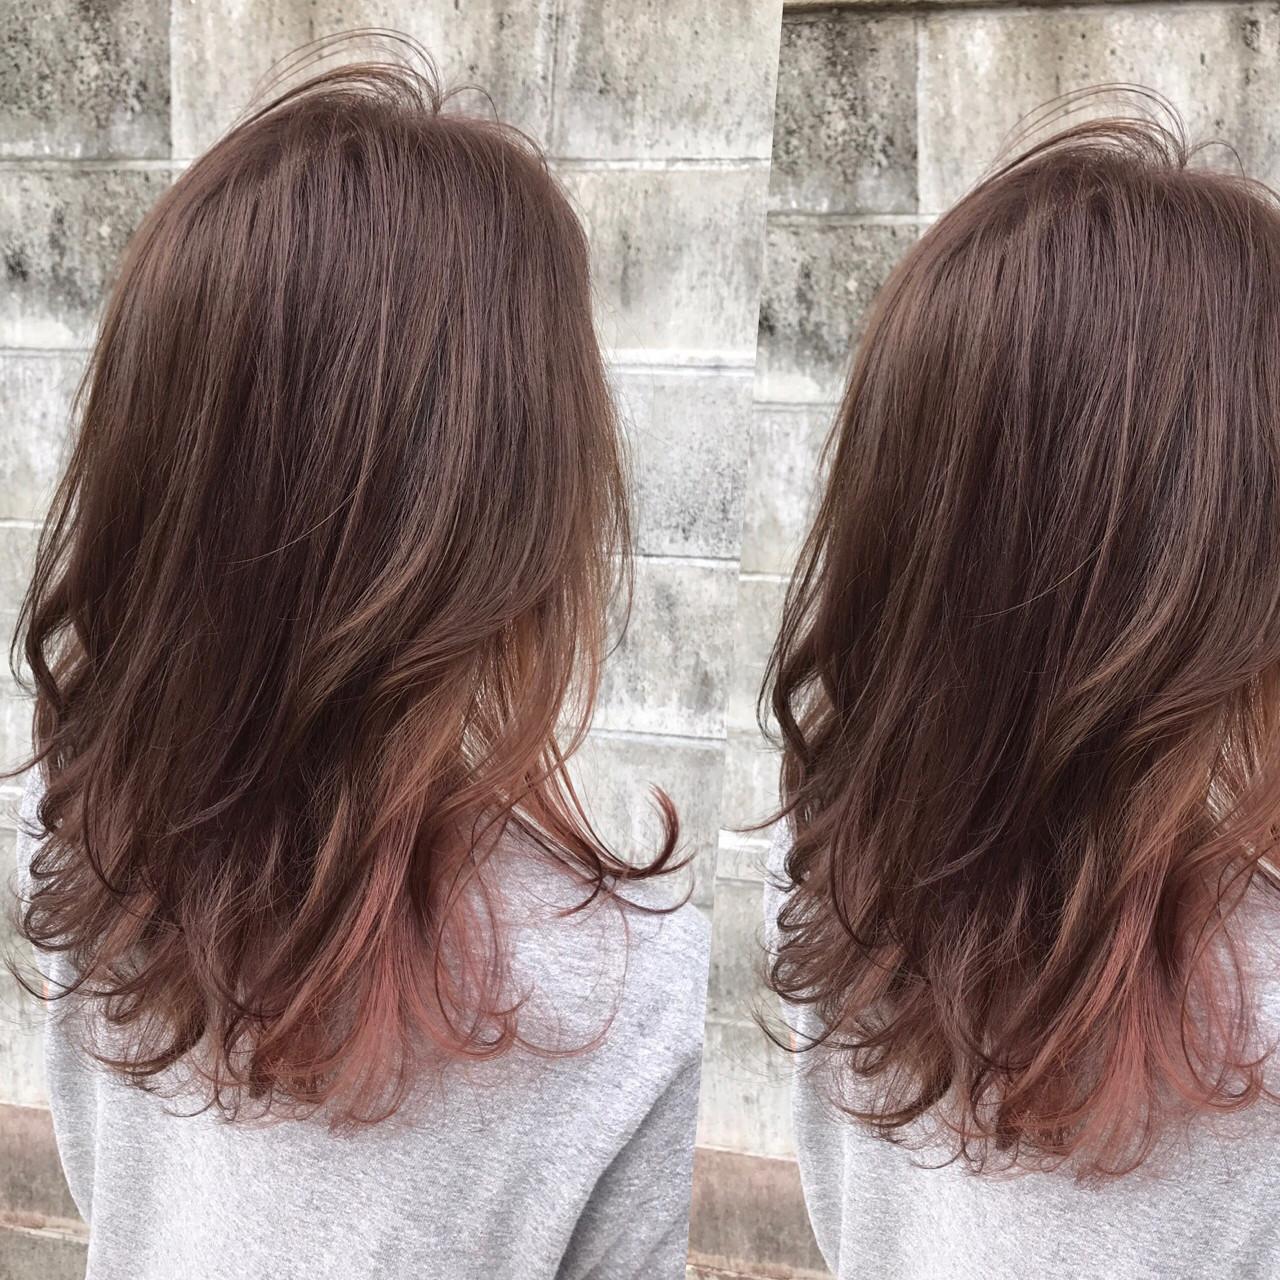 フェミニンな髪色でモテを目指す!ピンクアッシュでつくるスウィートヘア 高尾武志